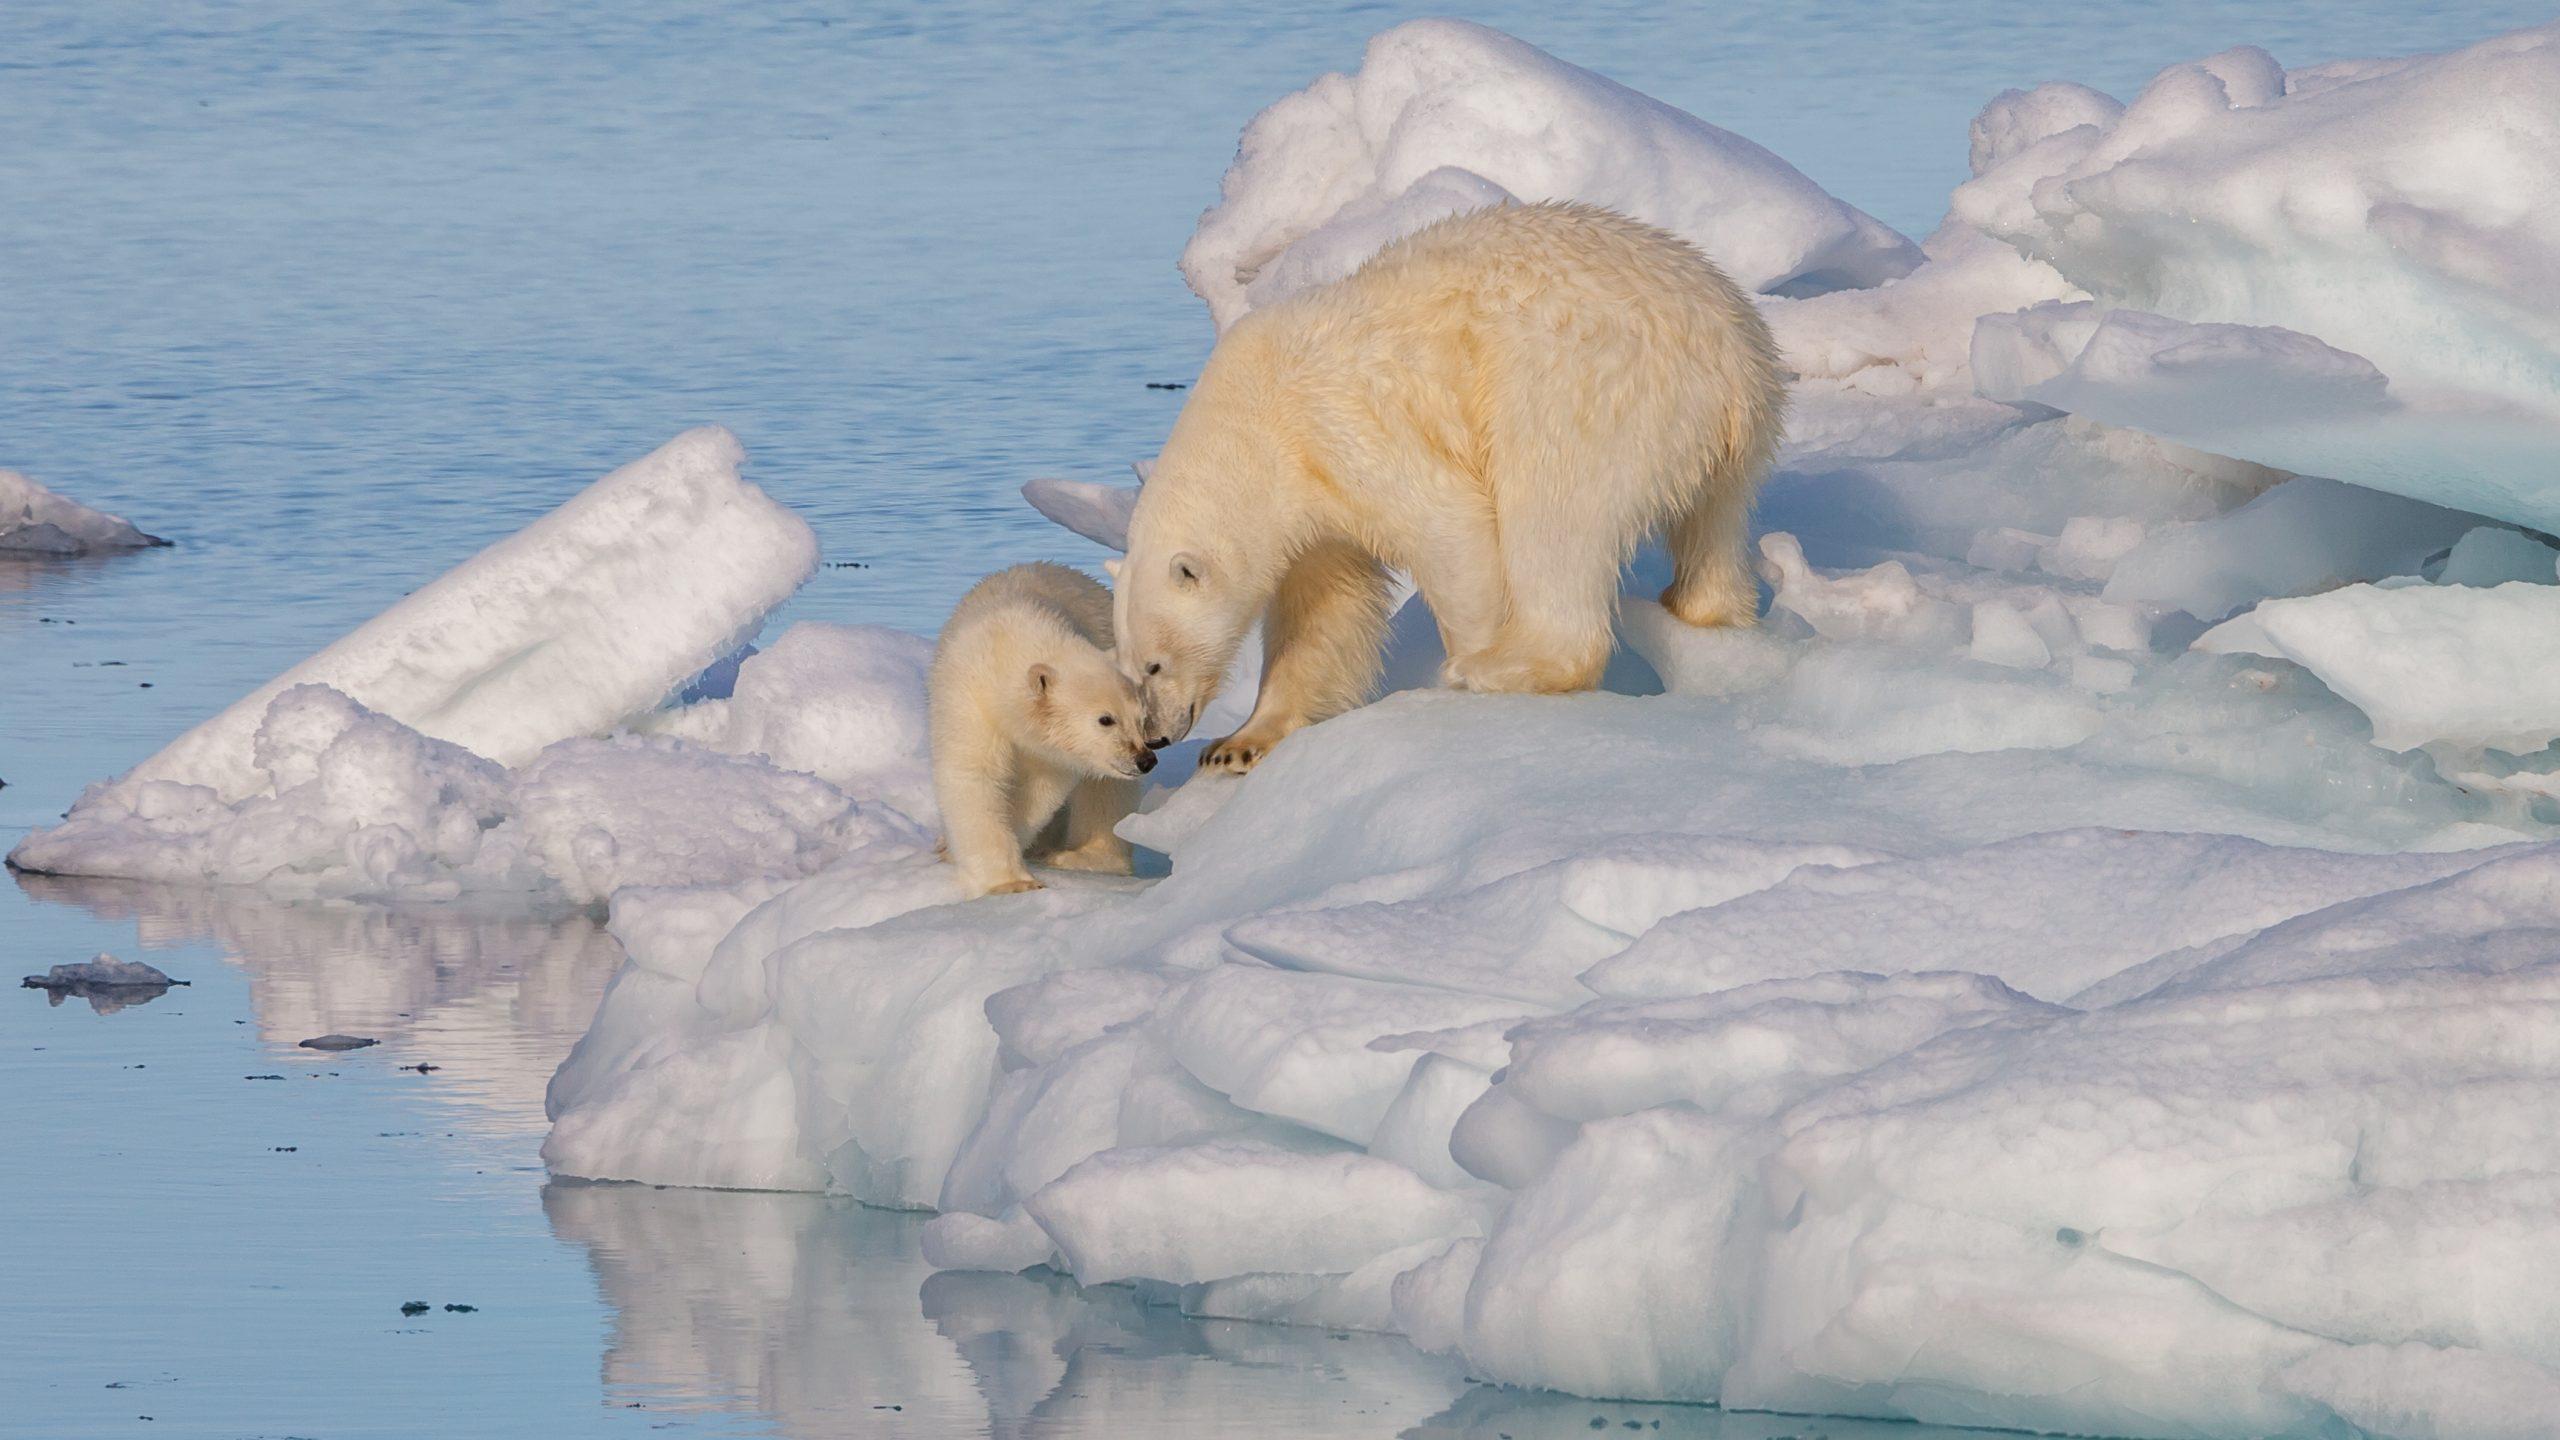 Rekord alacsony szinten az Északi-sarki jégborítottság! - Az Északnyugati-átjáró megnyílt! 10